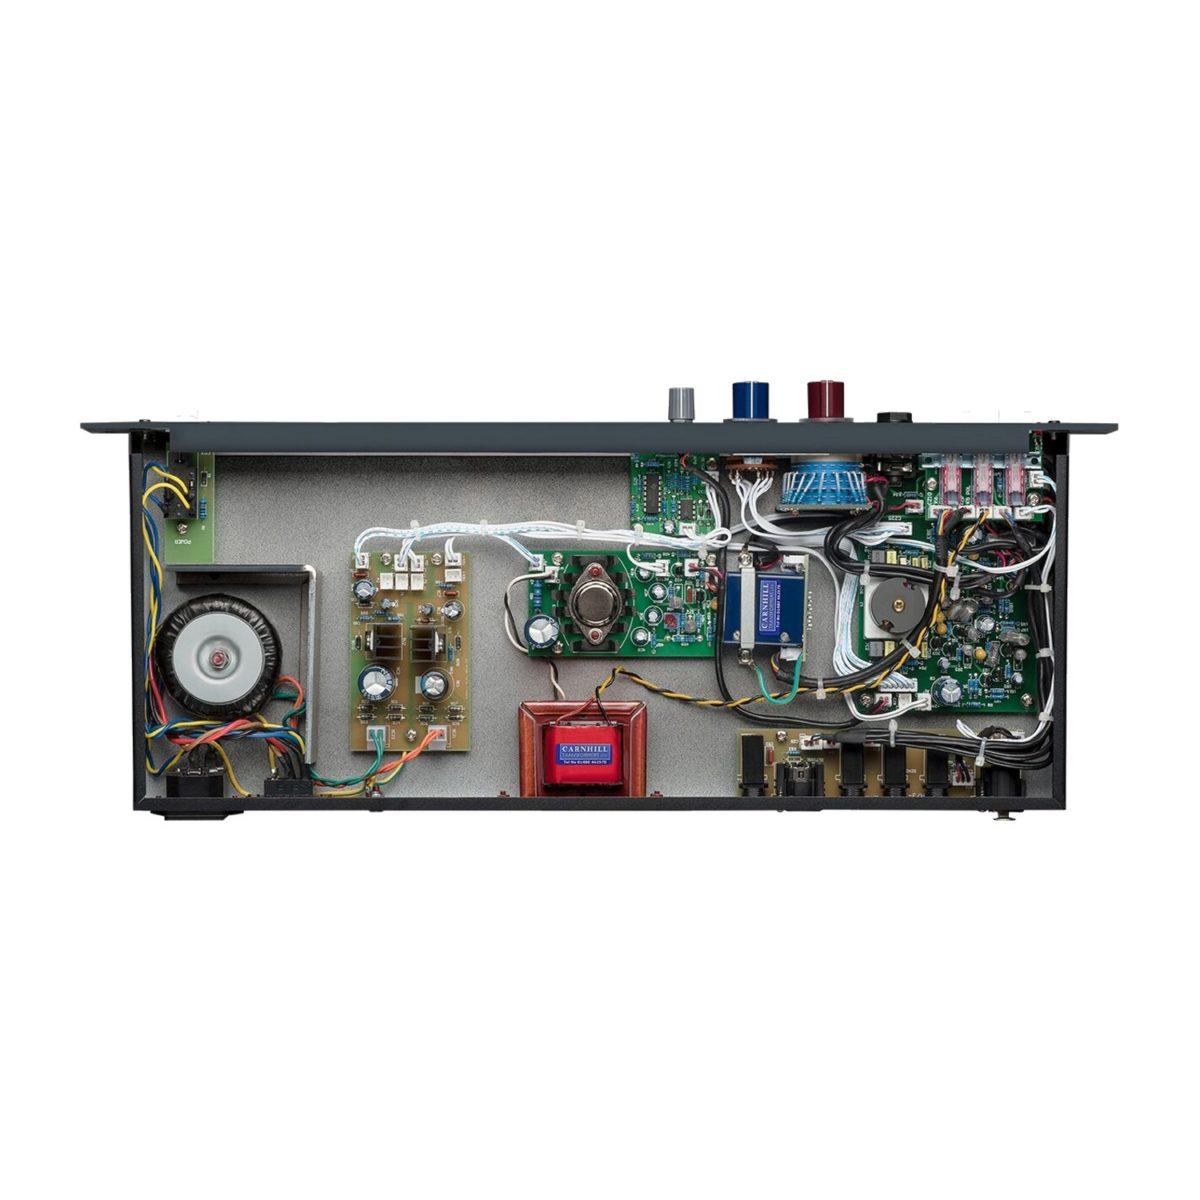 ปรีไมค์สำหรับบันทึกเสียง ยี่ห้อ Warm Audio รุ่น WA73